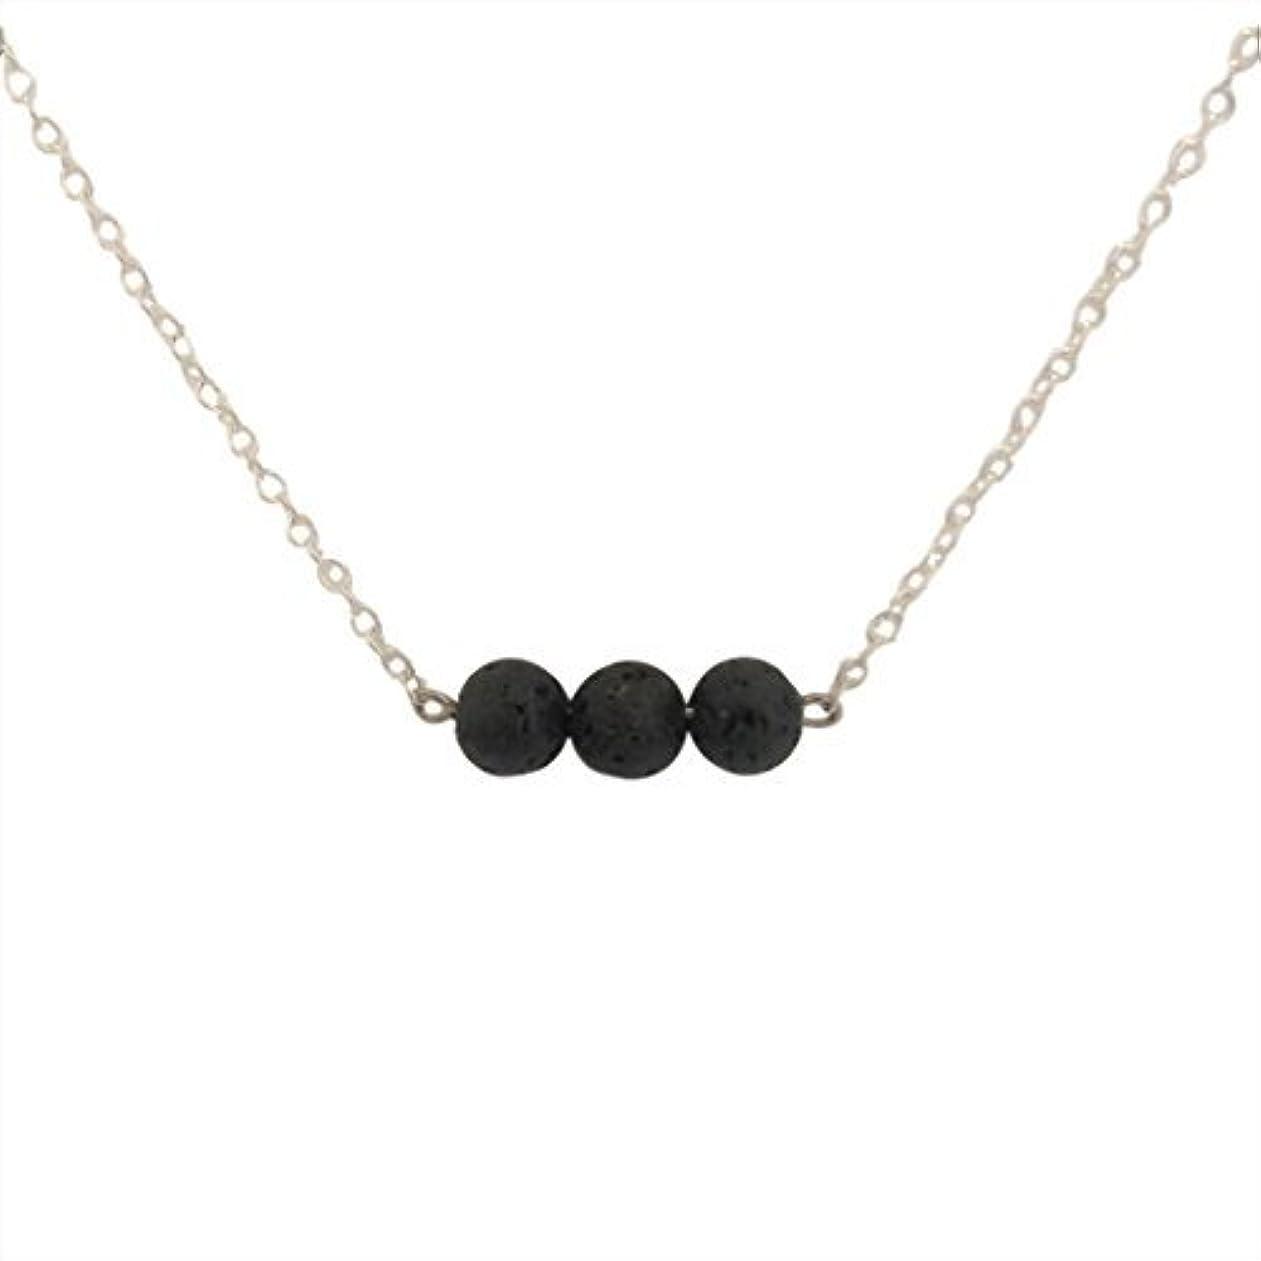 びっくりしたメディカルテープTrio of Lava Beads Bar Aromatherapy Necklace Essential Oil Diffuser Lava Stone Pendant Jewelry [並行輸入品]